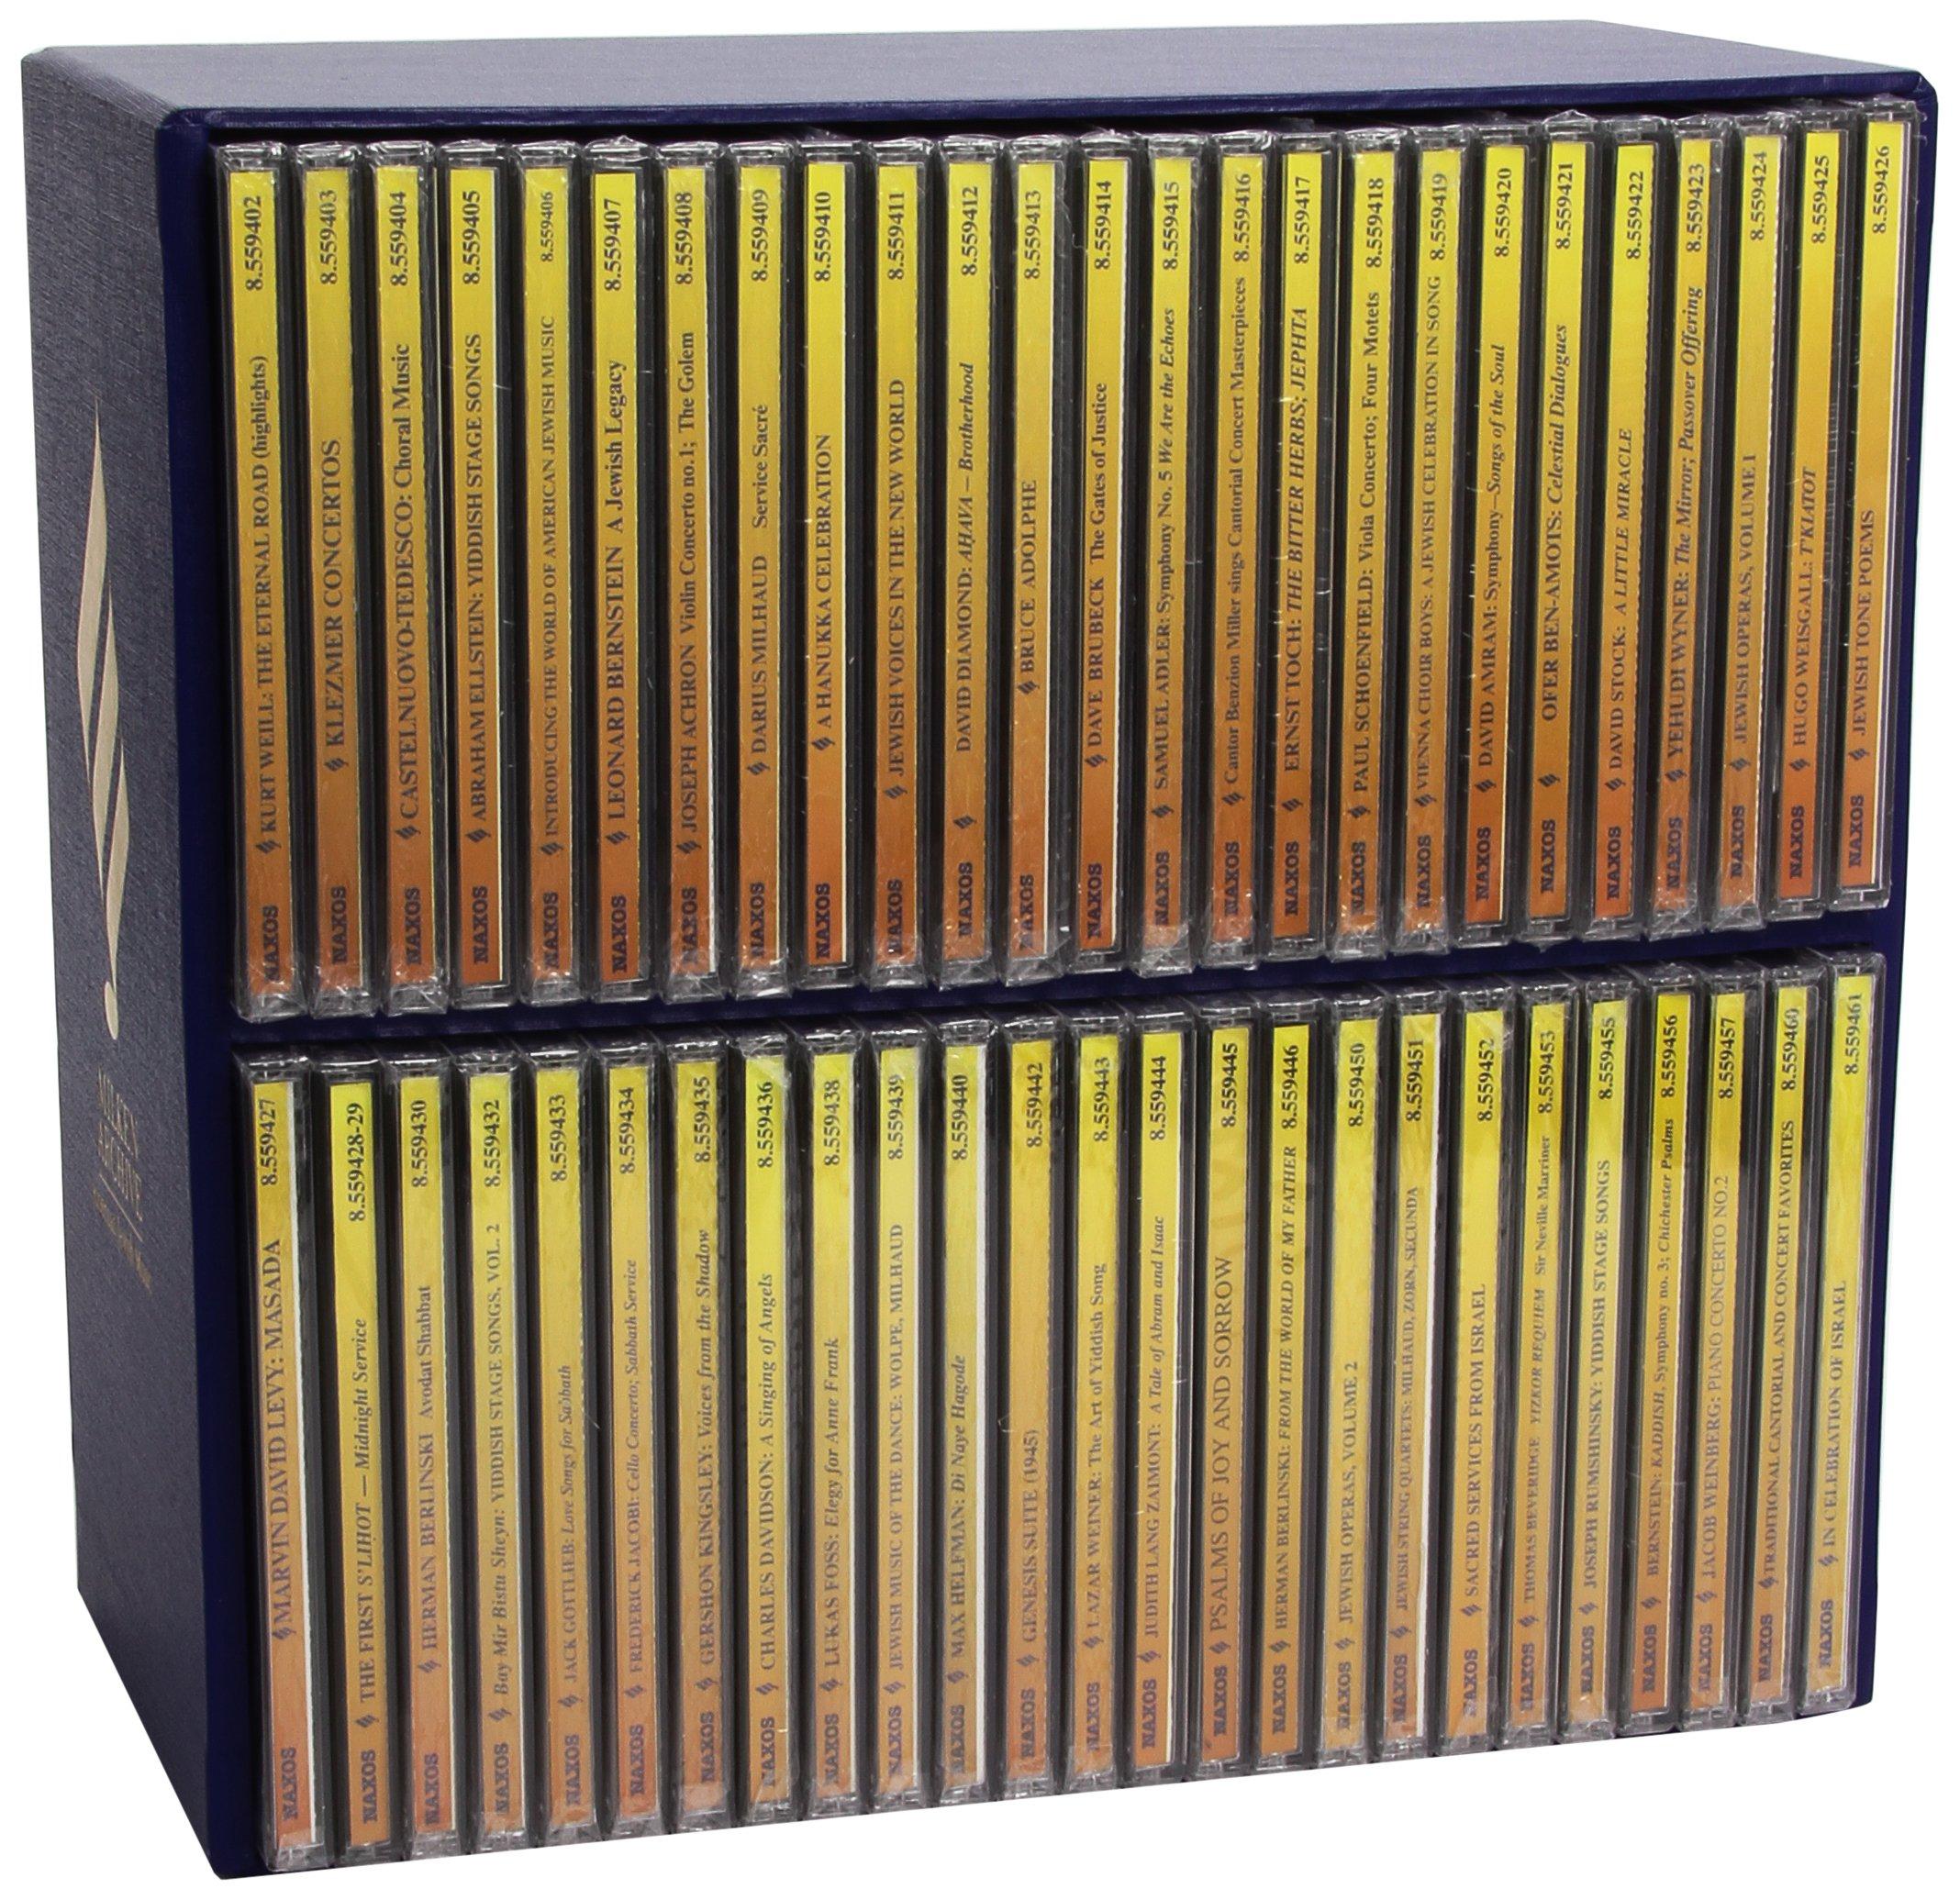 Milken Archive 50 CD Box Set by NAXOS.